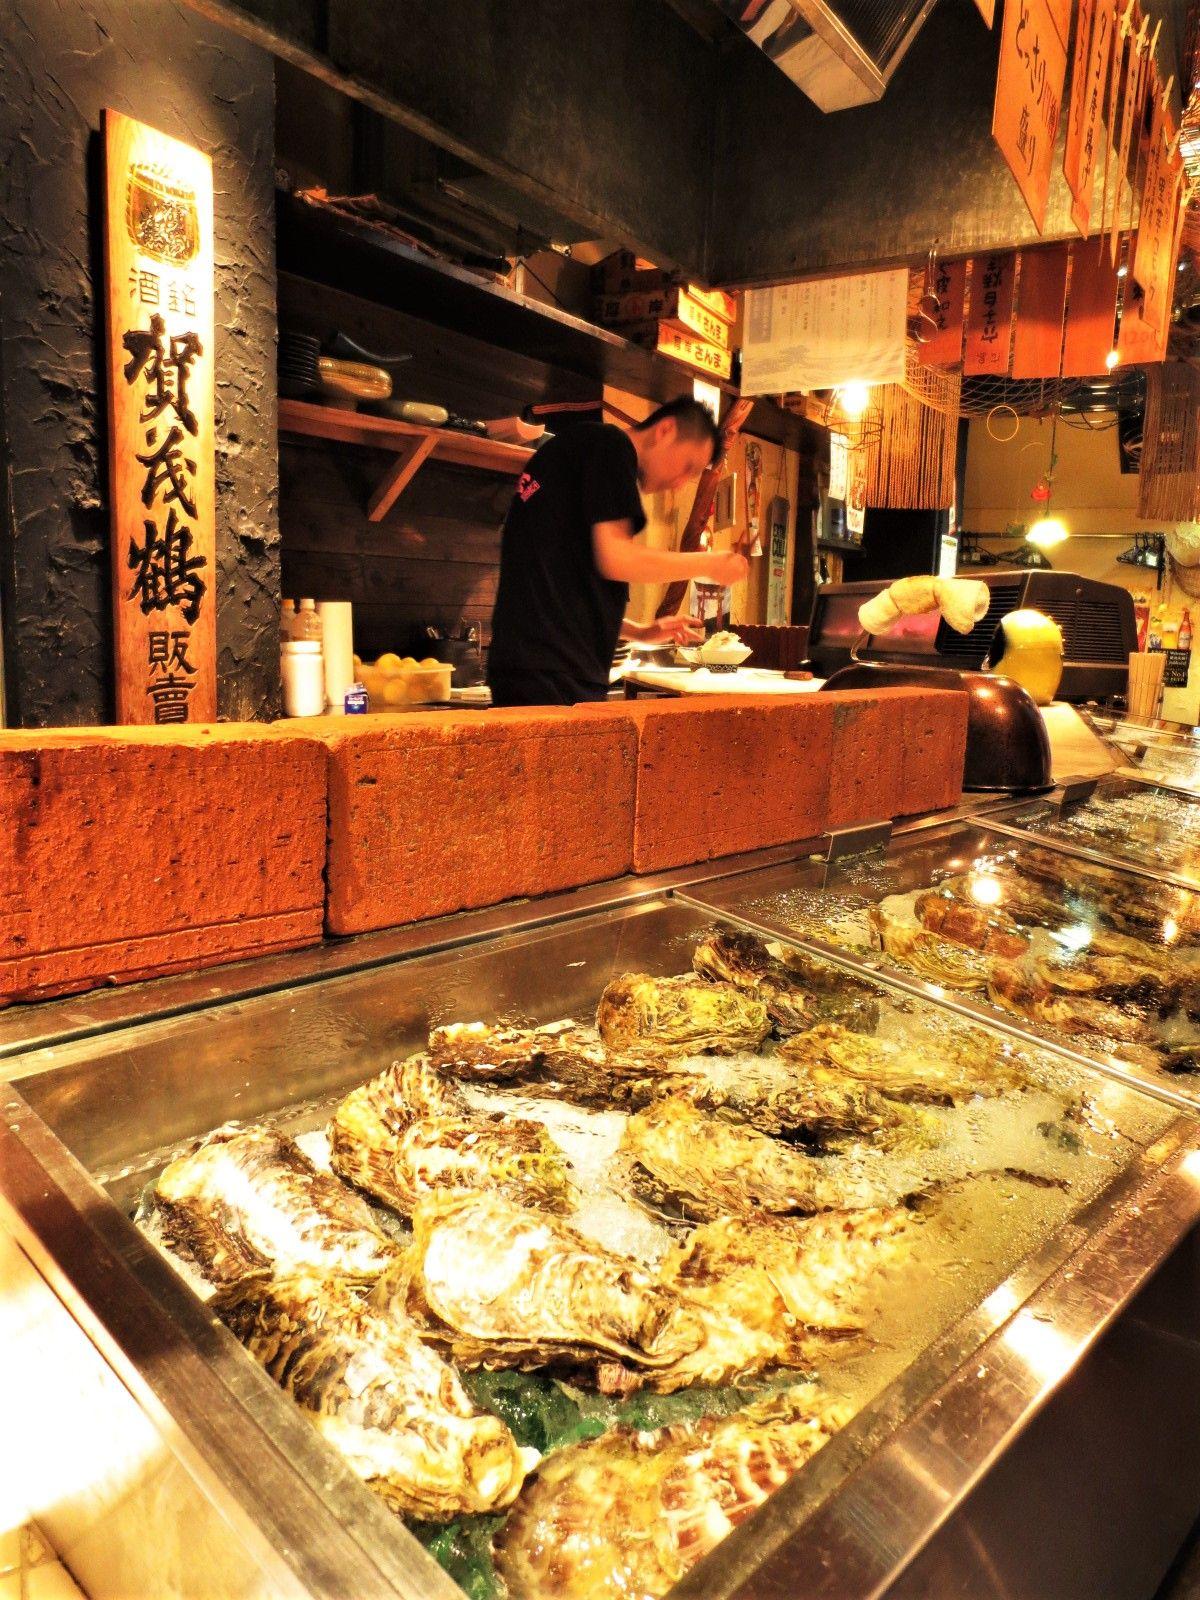 広島初の牡蠣小屋店「海平商店」